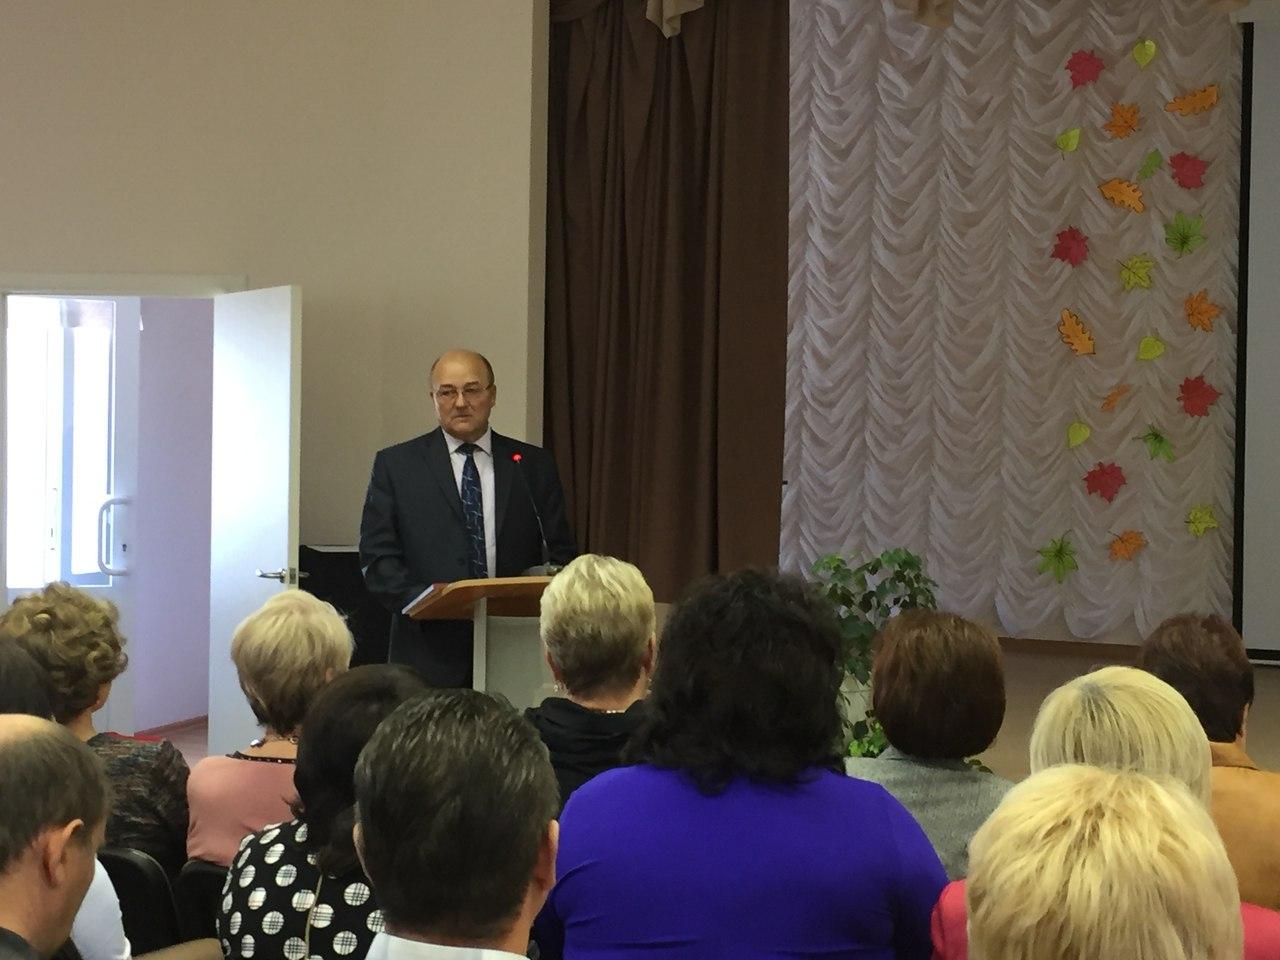 Директор колледжа Михаил Владимирович Назаров поздравил коллег с этим замечательным праздником